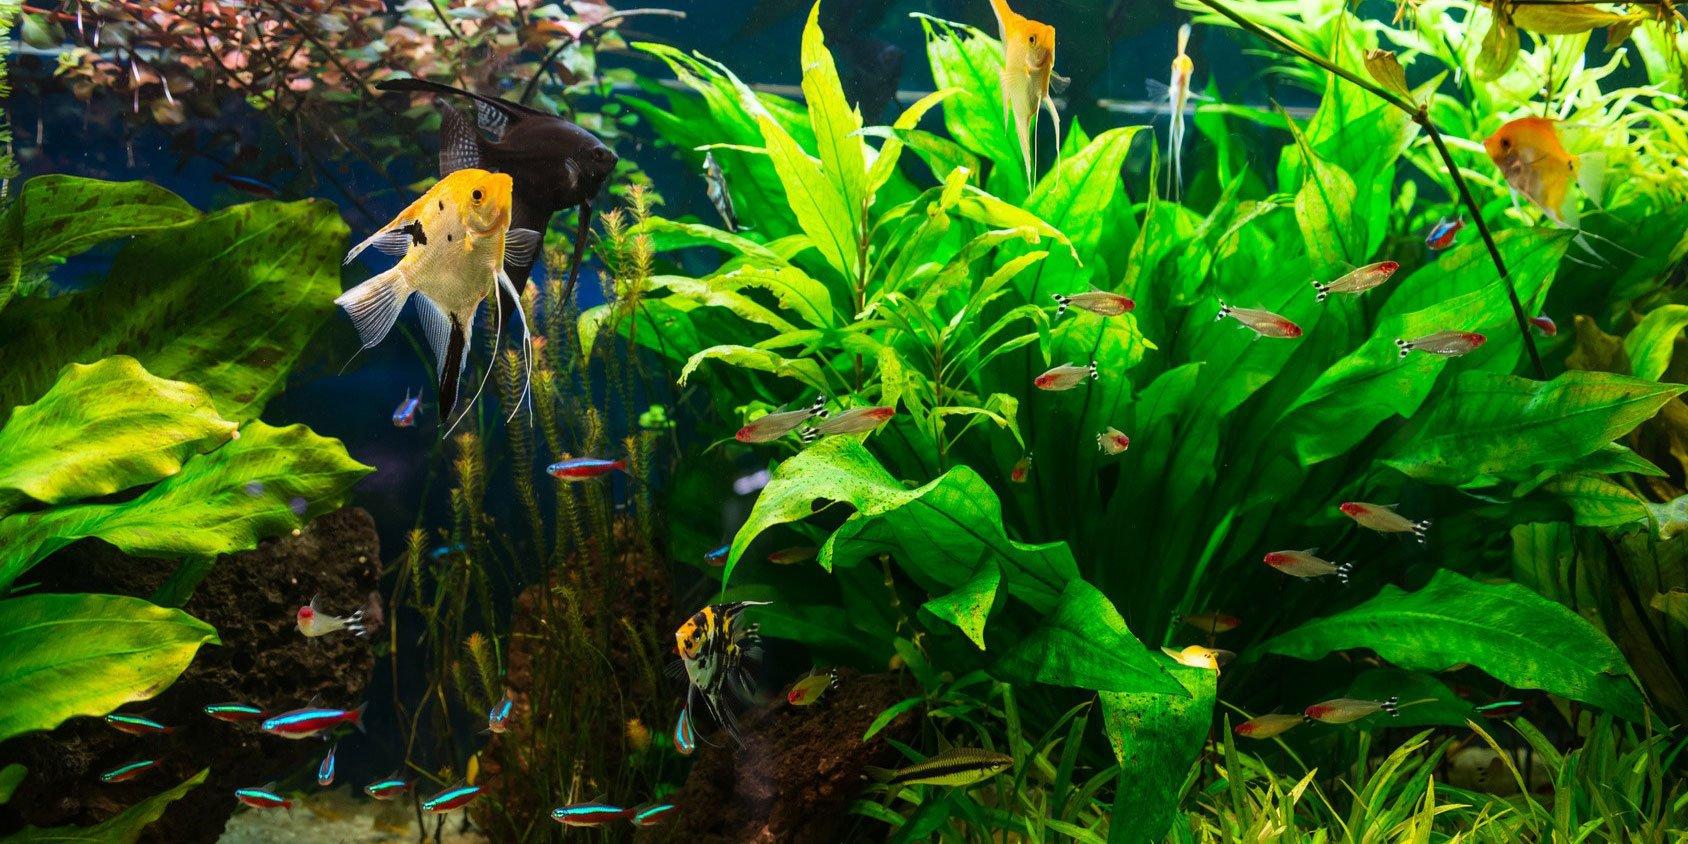 L 39 acquario di acqua dolce cose di casa for Acqua acquario